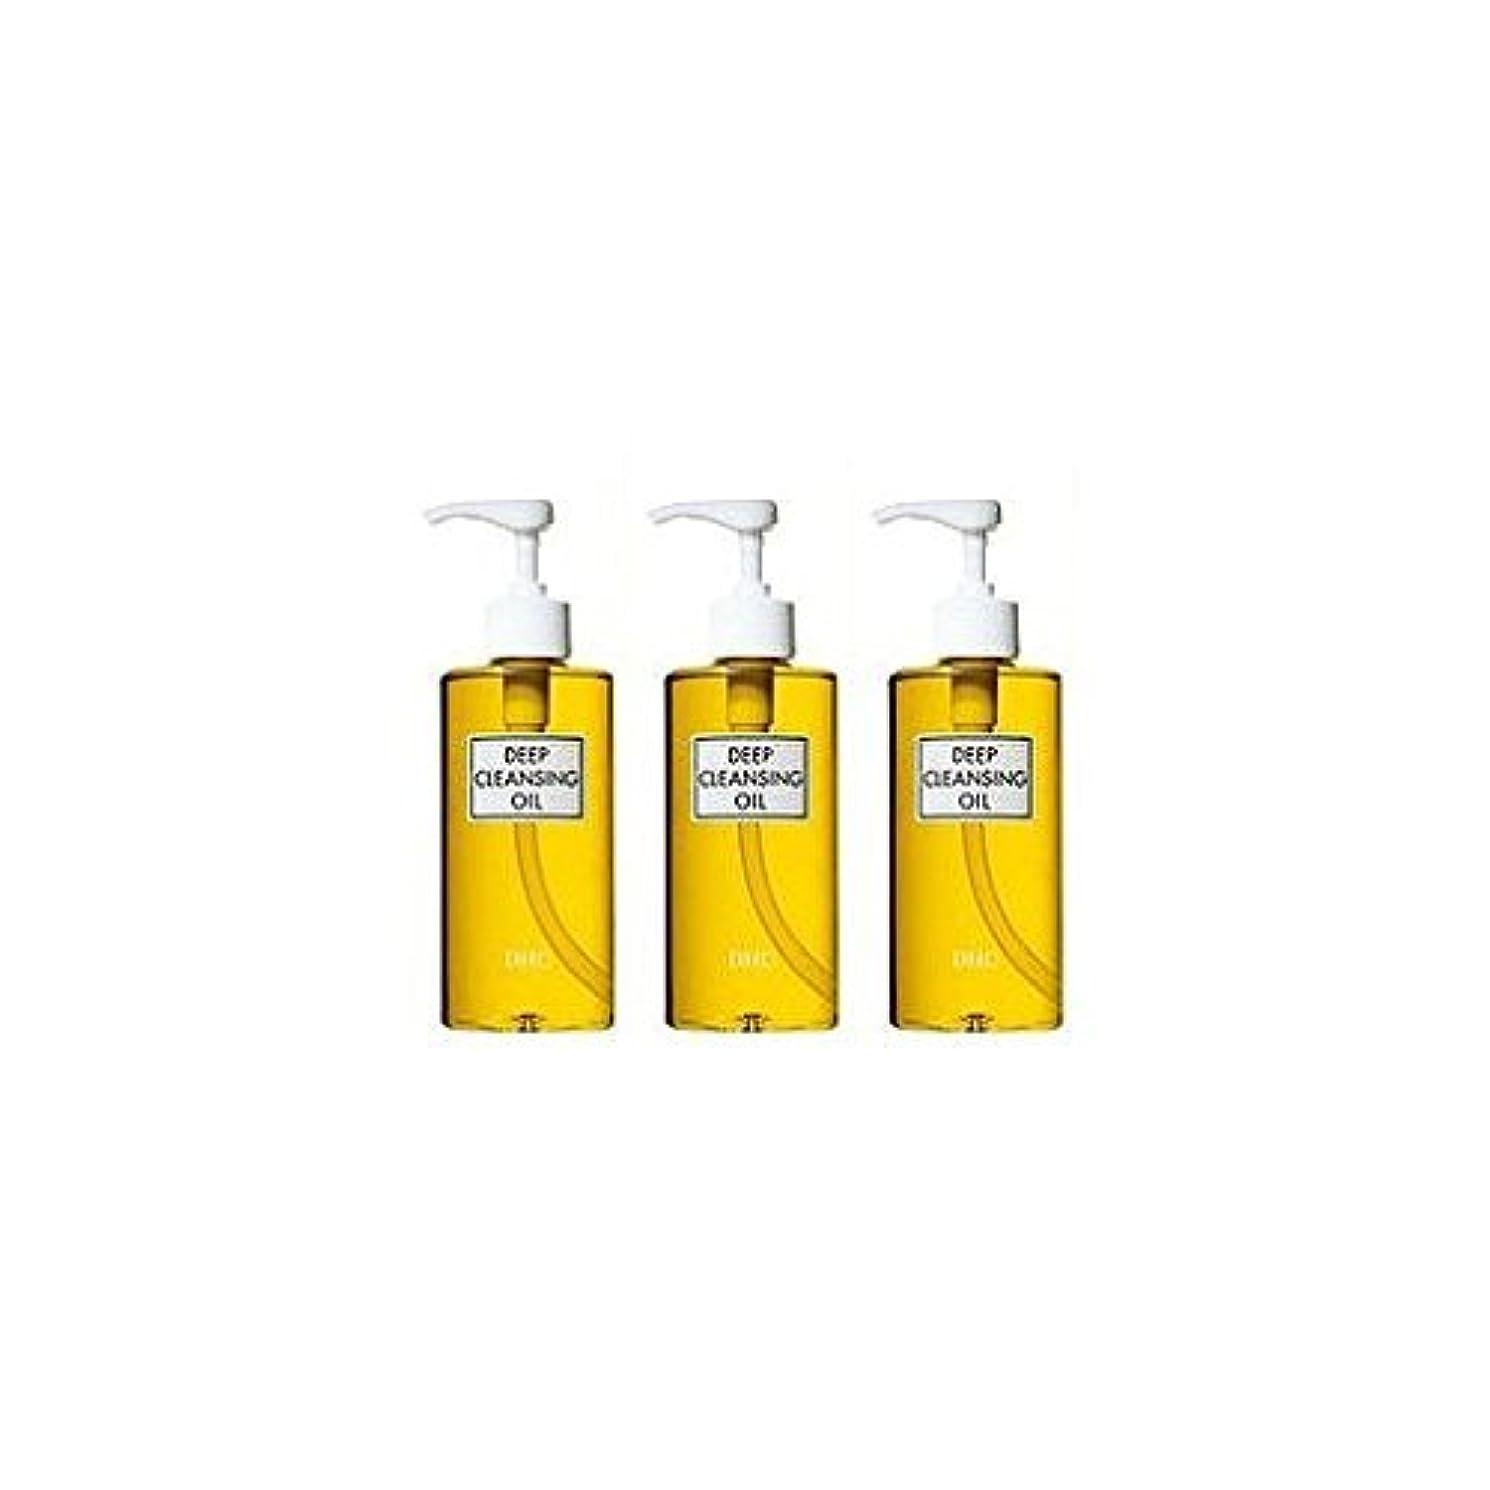 マルコポーロ効果的ピザDHC薬用ディープクレンジングオイル(L)3本セット